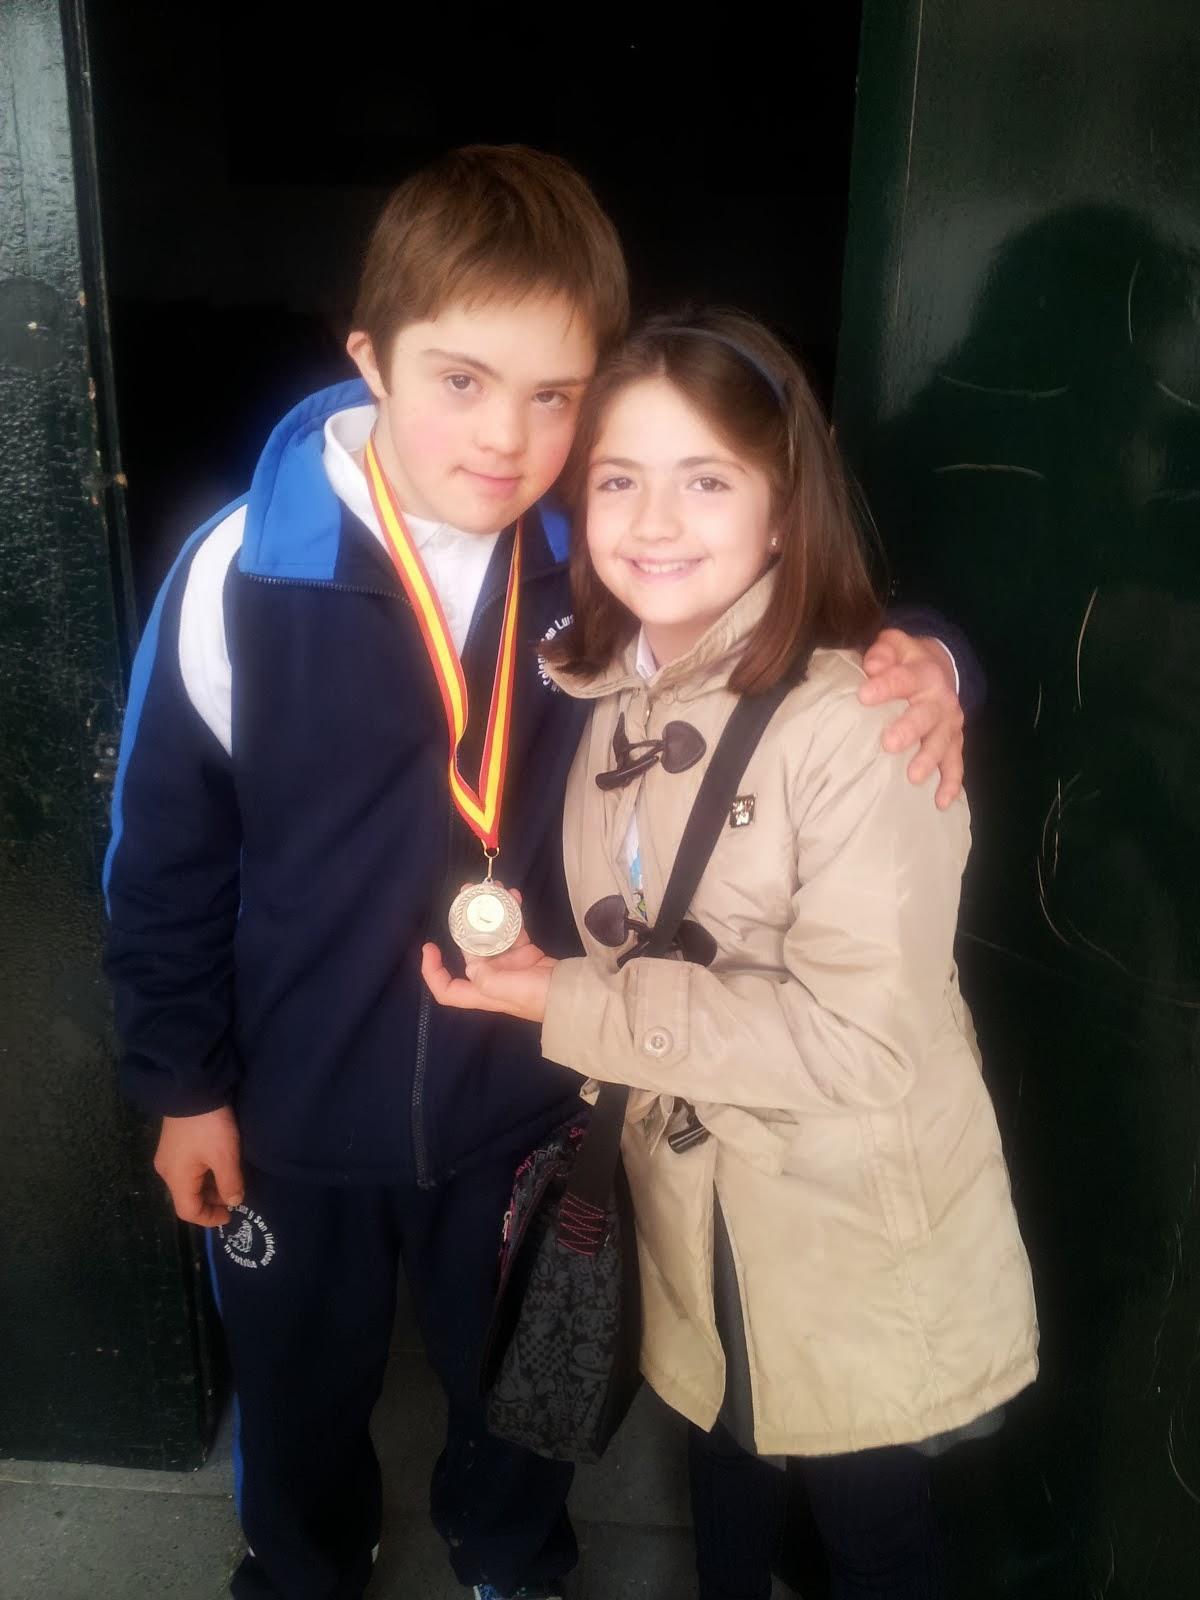 Y yo he ganado una medalla en el concurso de trompos